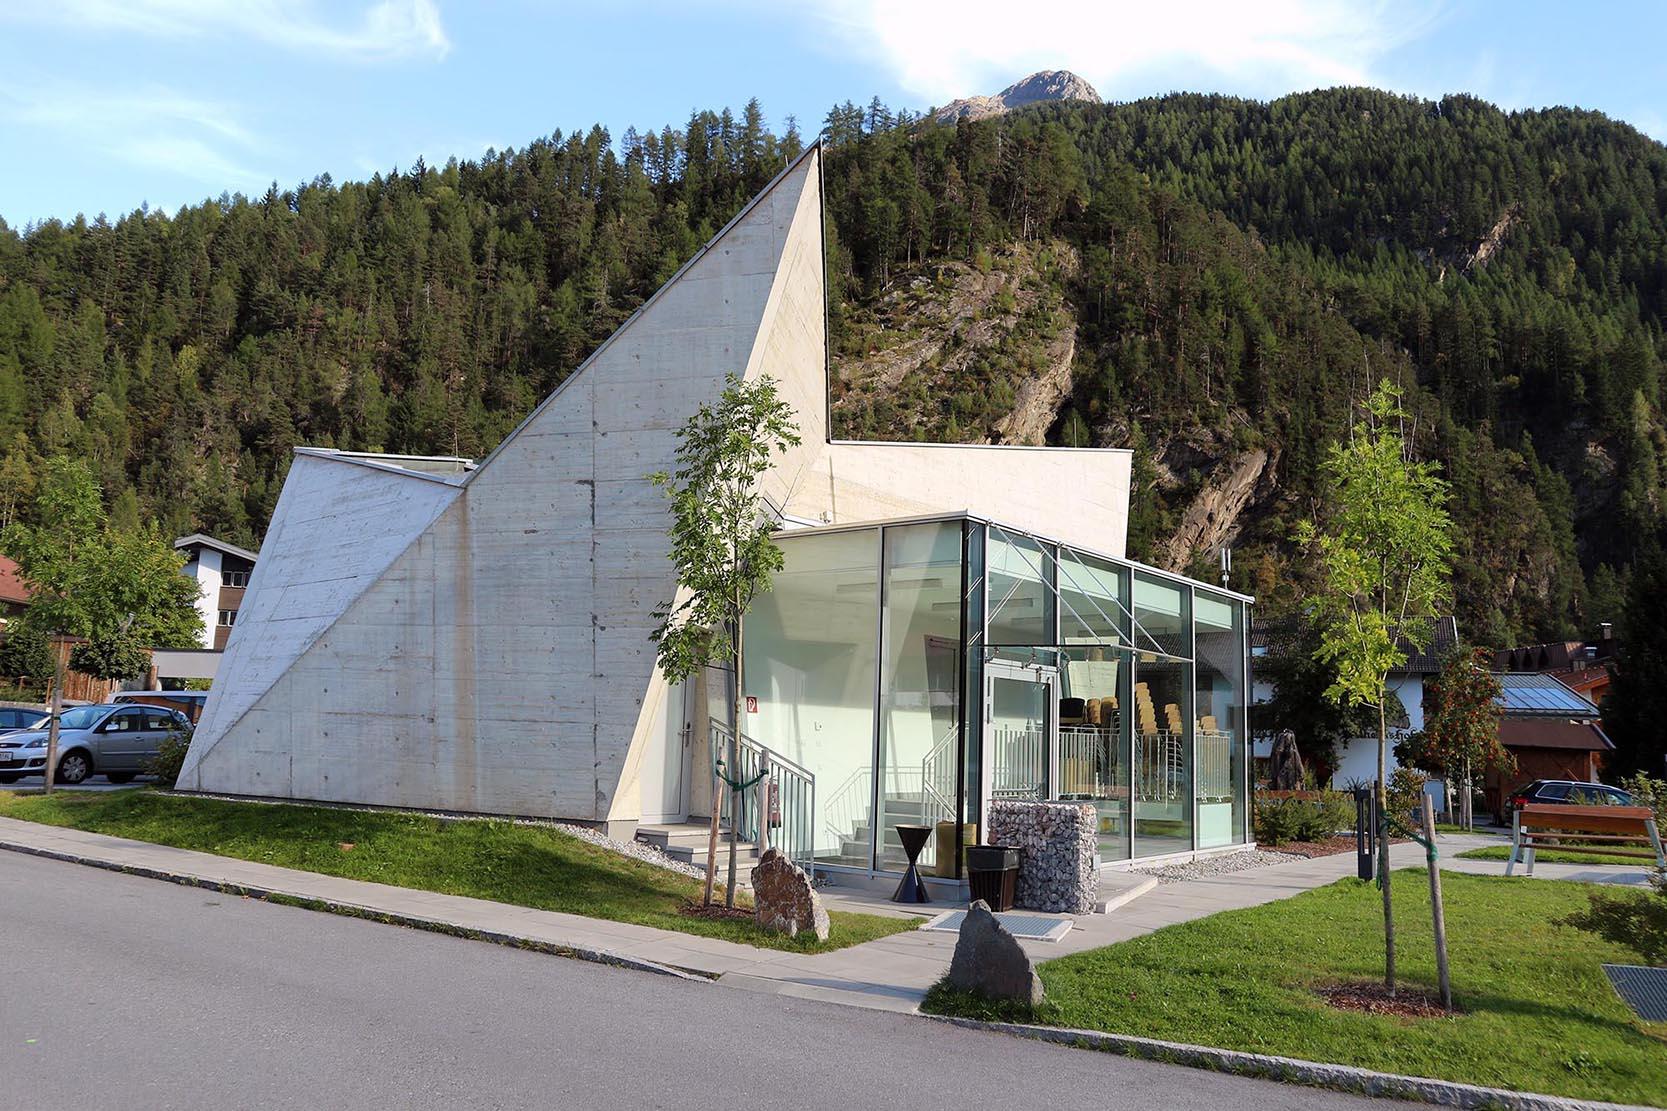 Musikpavillon. Von den unizono Architekten